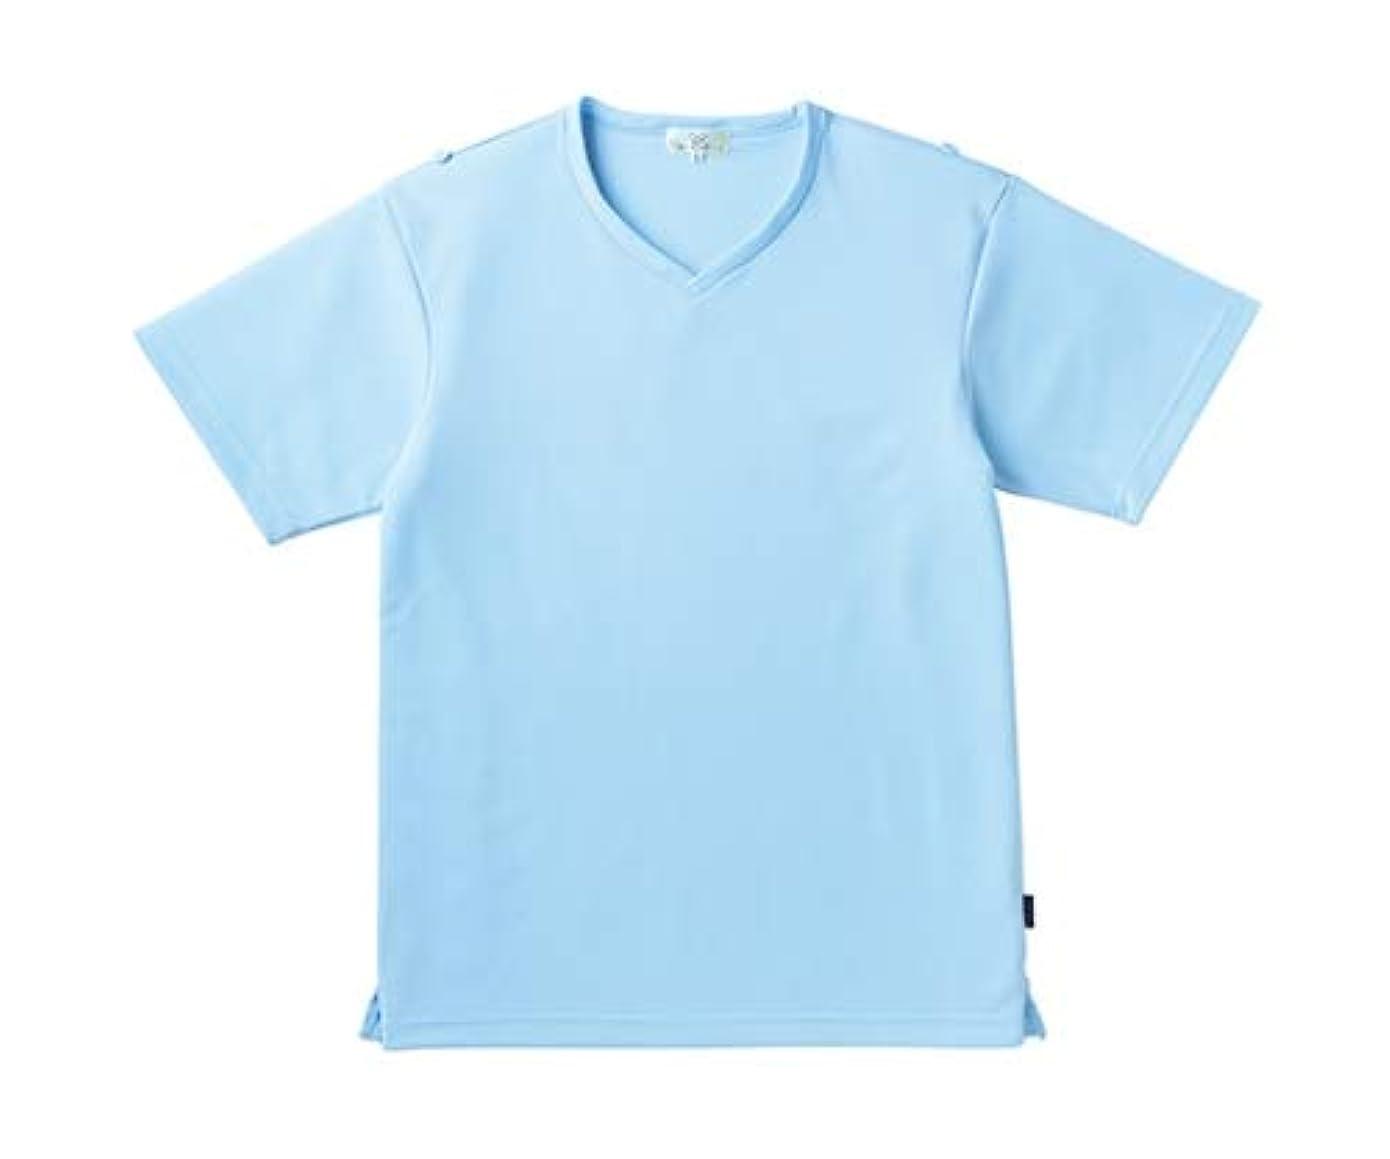 抵抗する喜劇大混乱トンボ/KIRAKU 入浴介助用シャツ CR160 L サックス